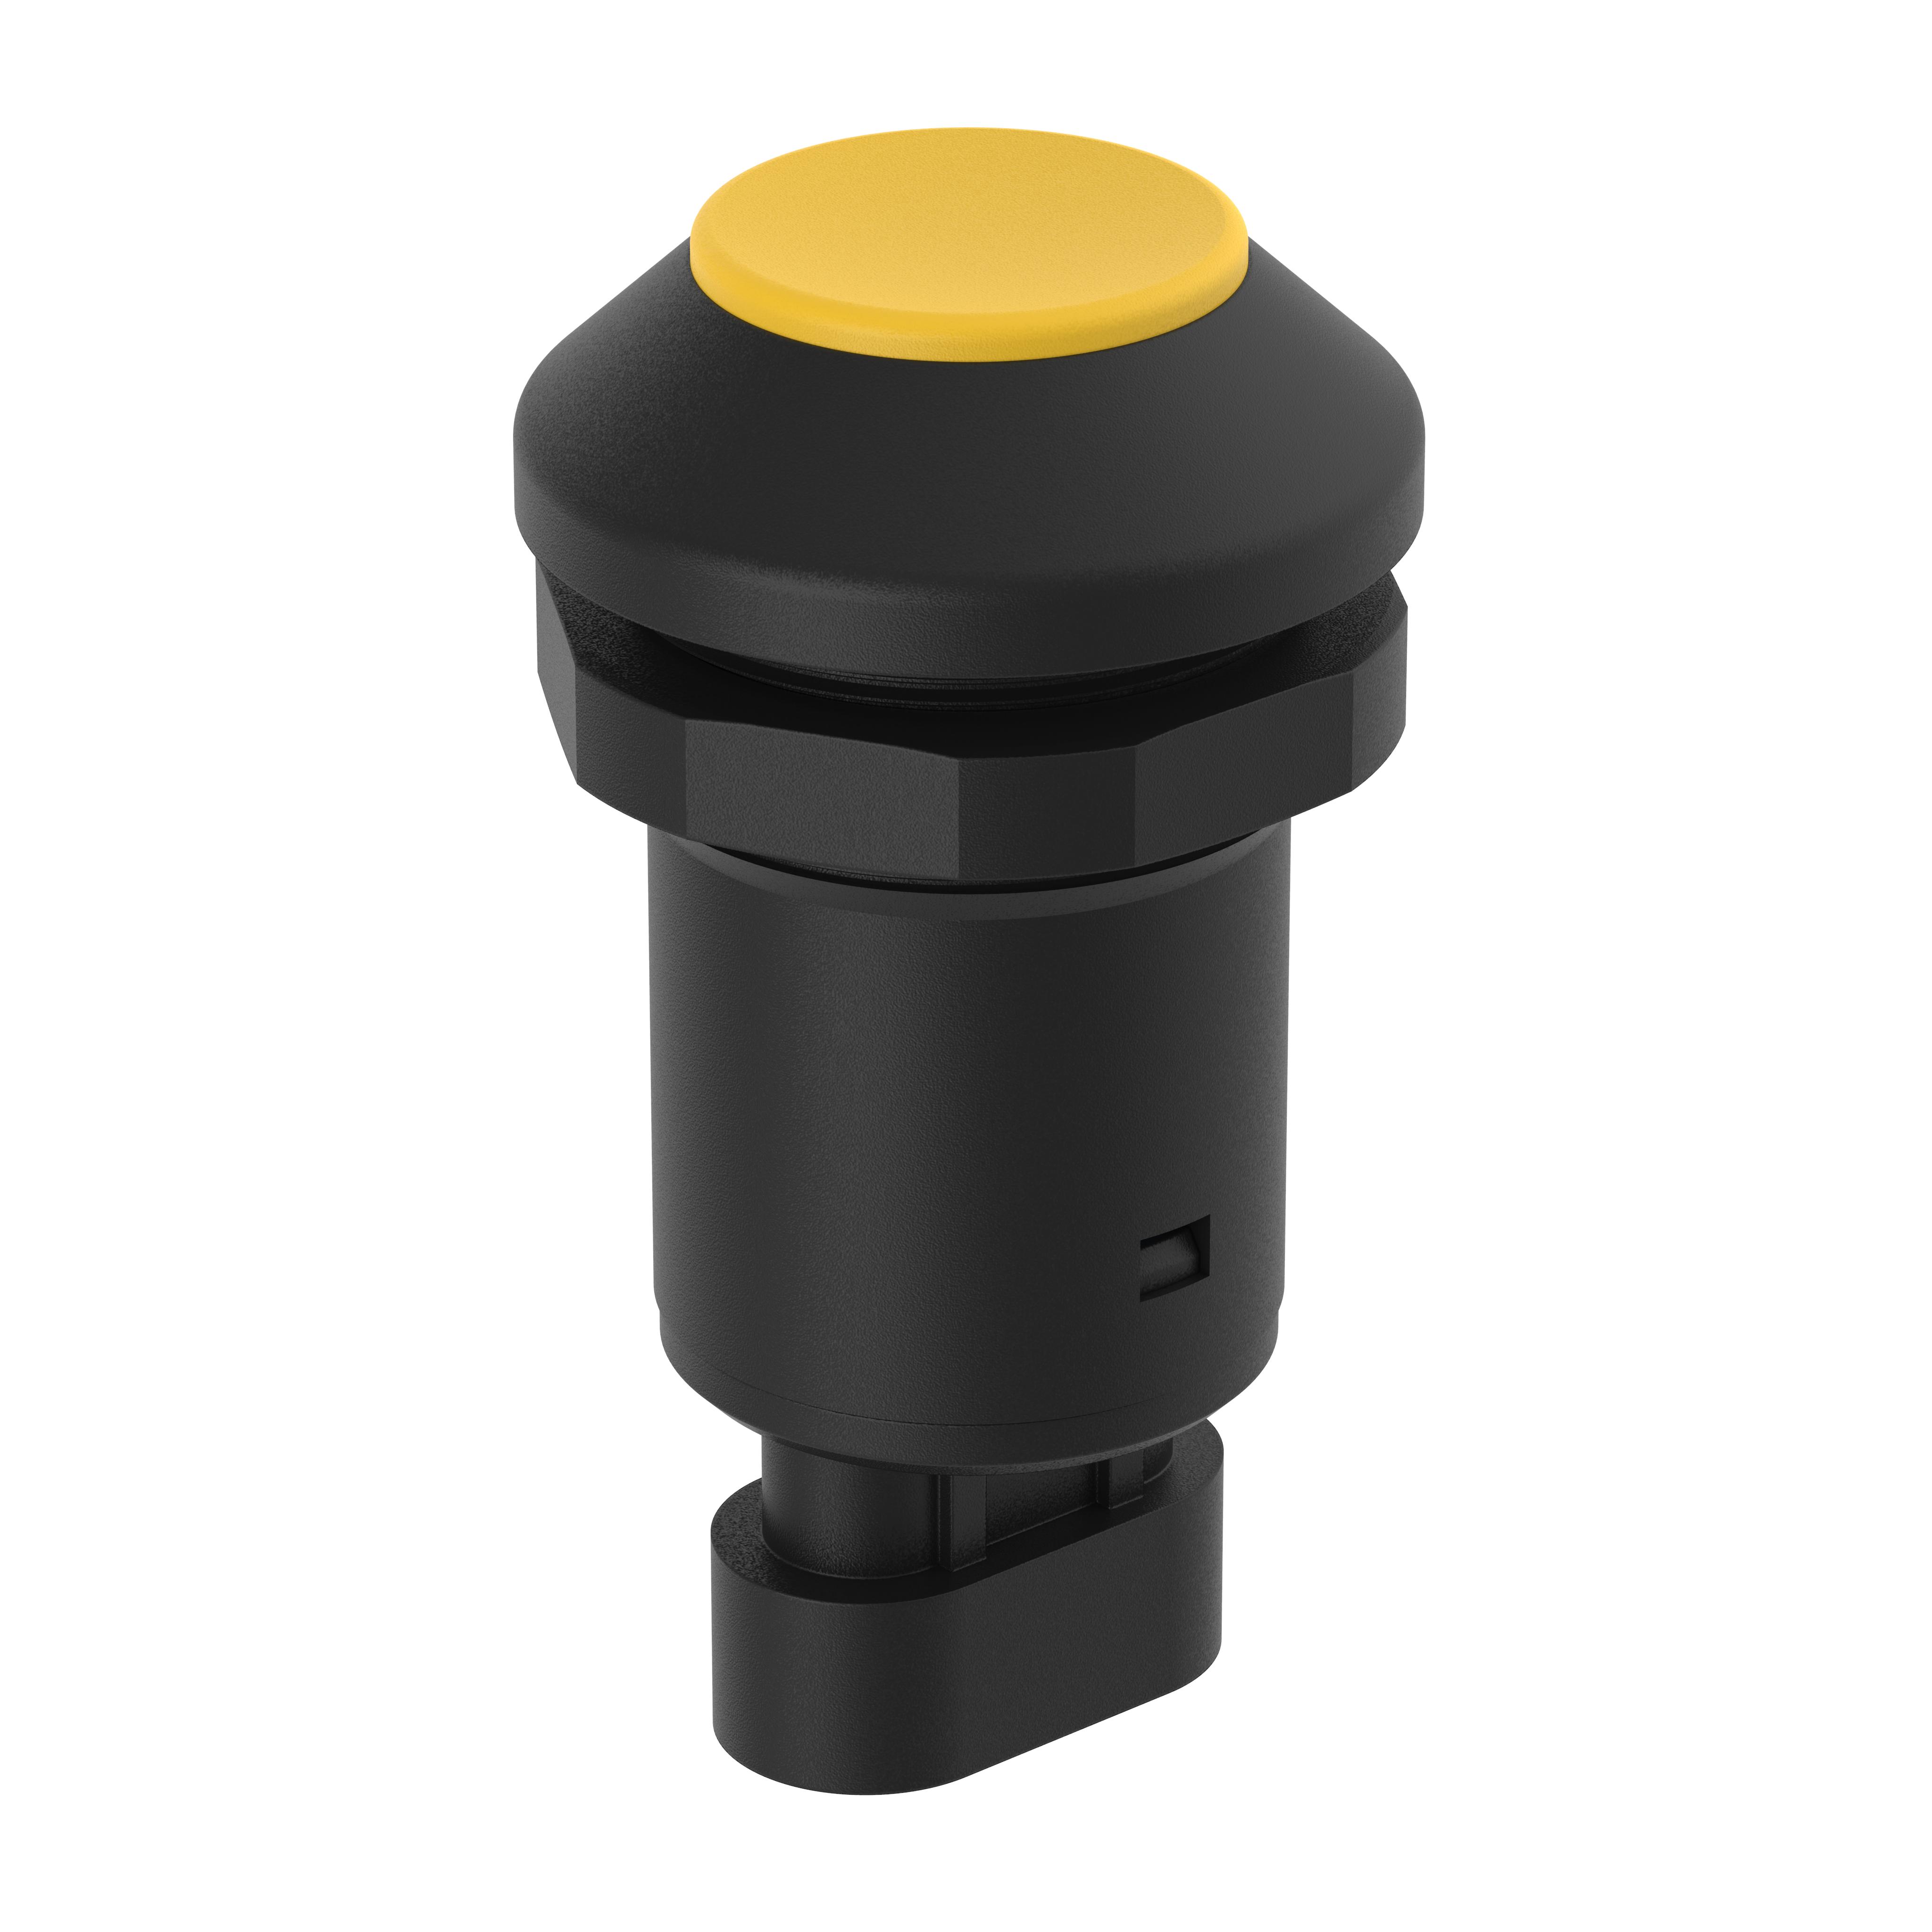 M30-Taste gelb -145000AB21 - AMP Stecker